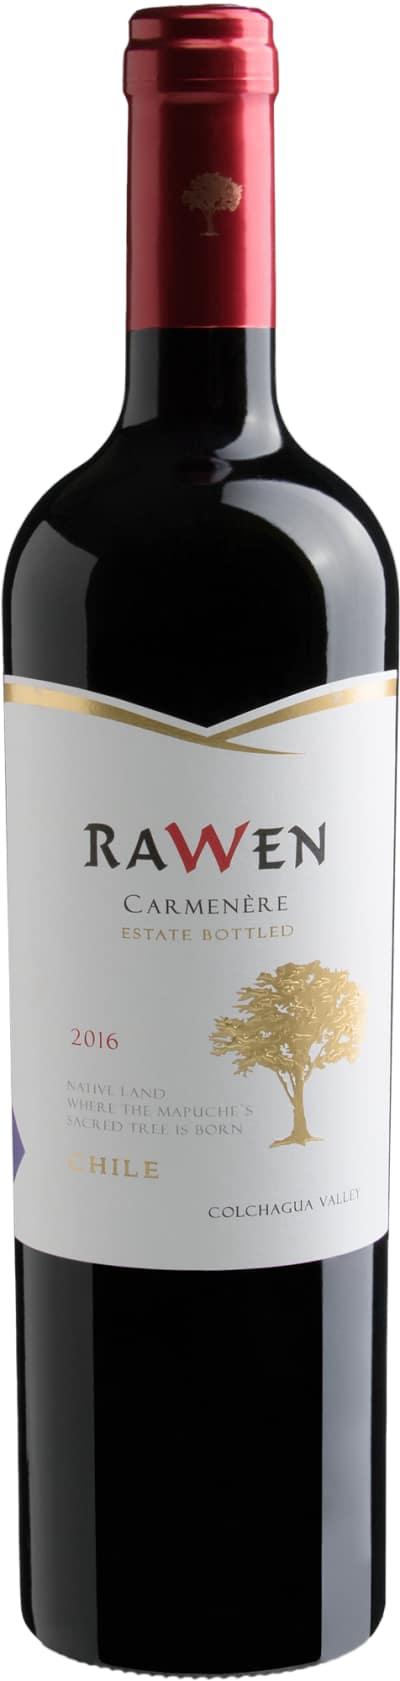 Rawen Carménerè 2016